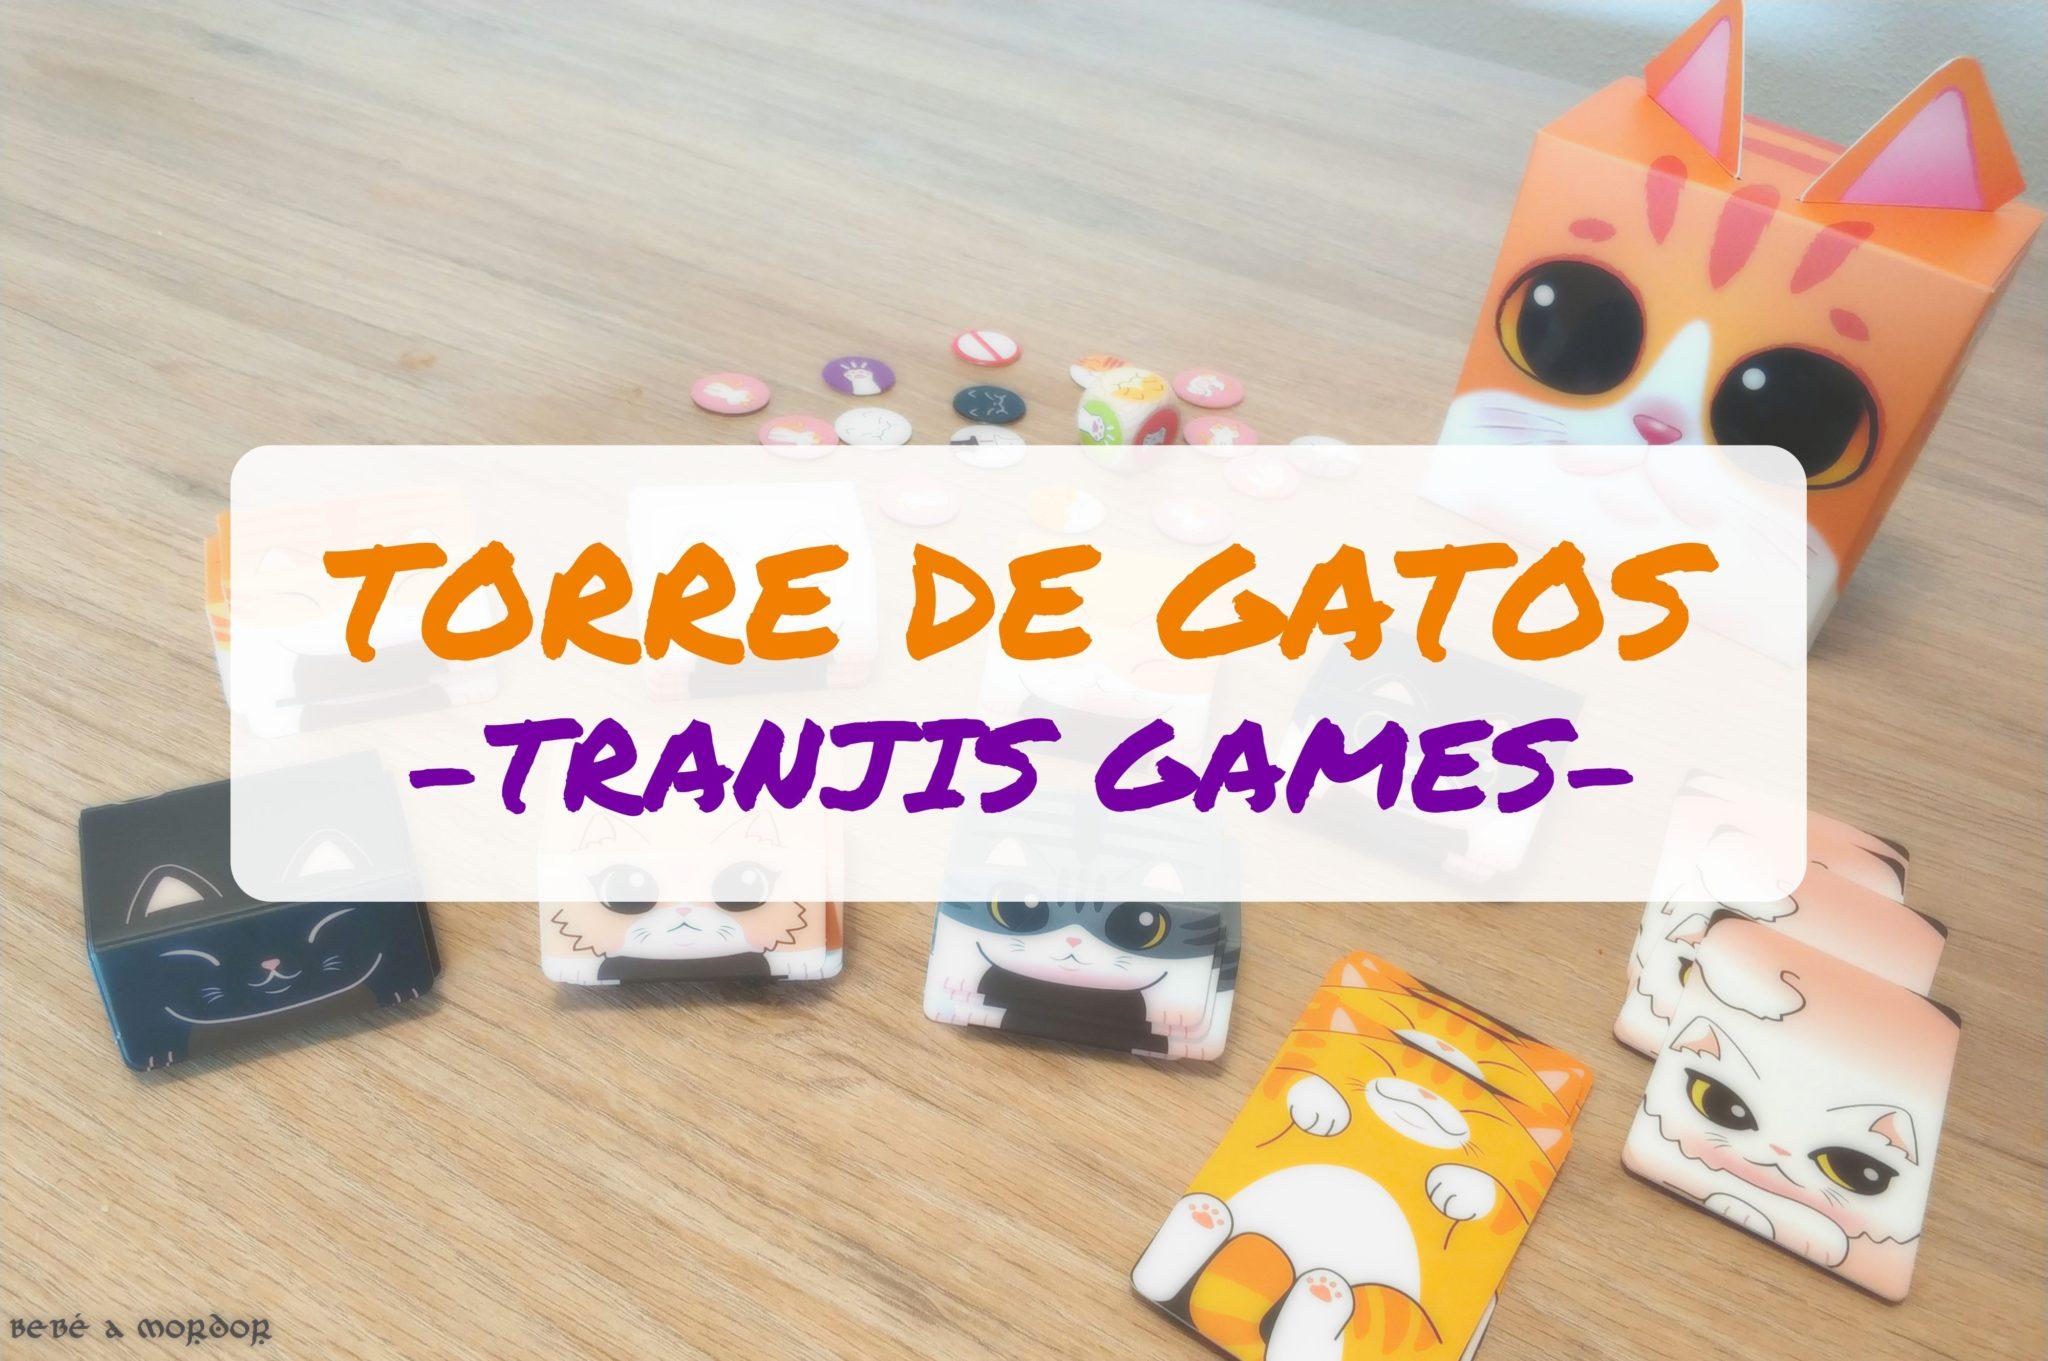 Torre de Gatos Tranjis